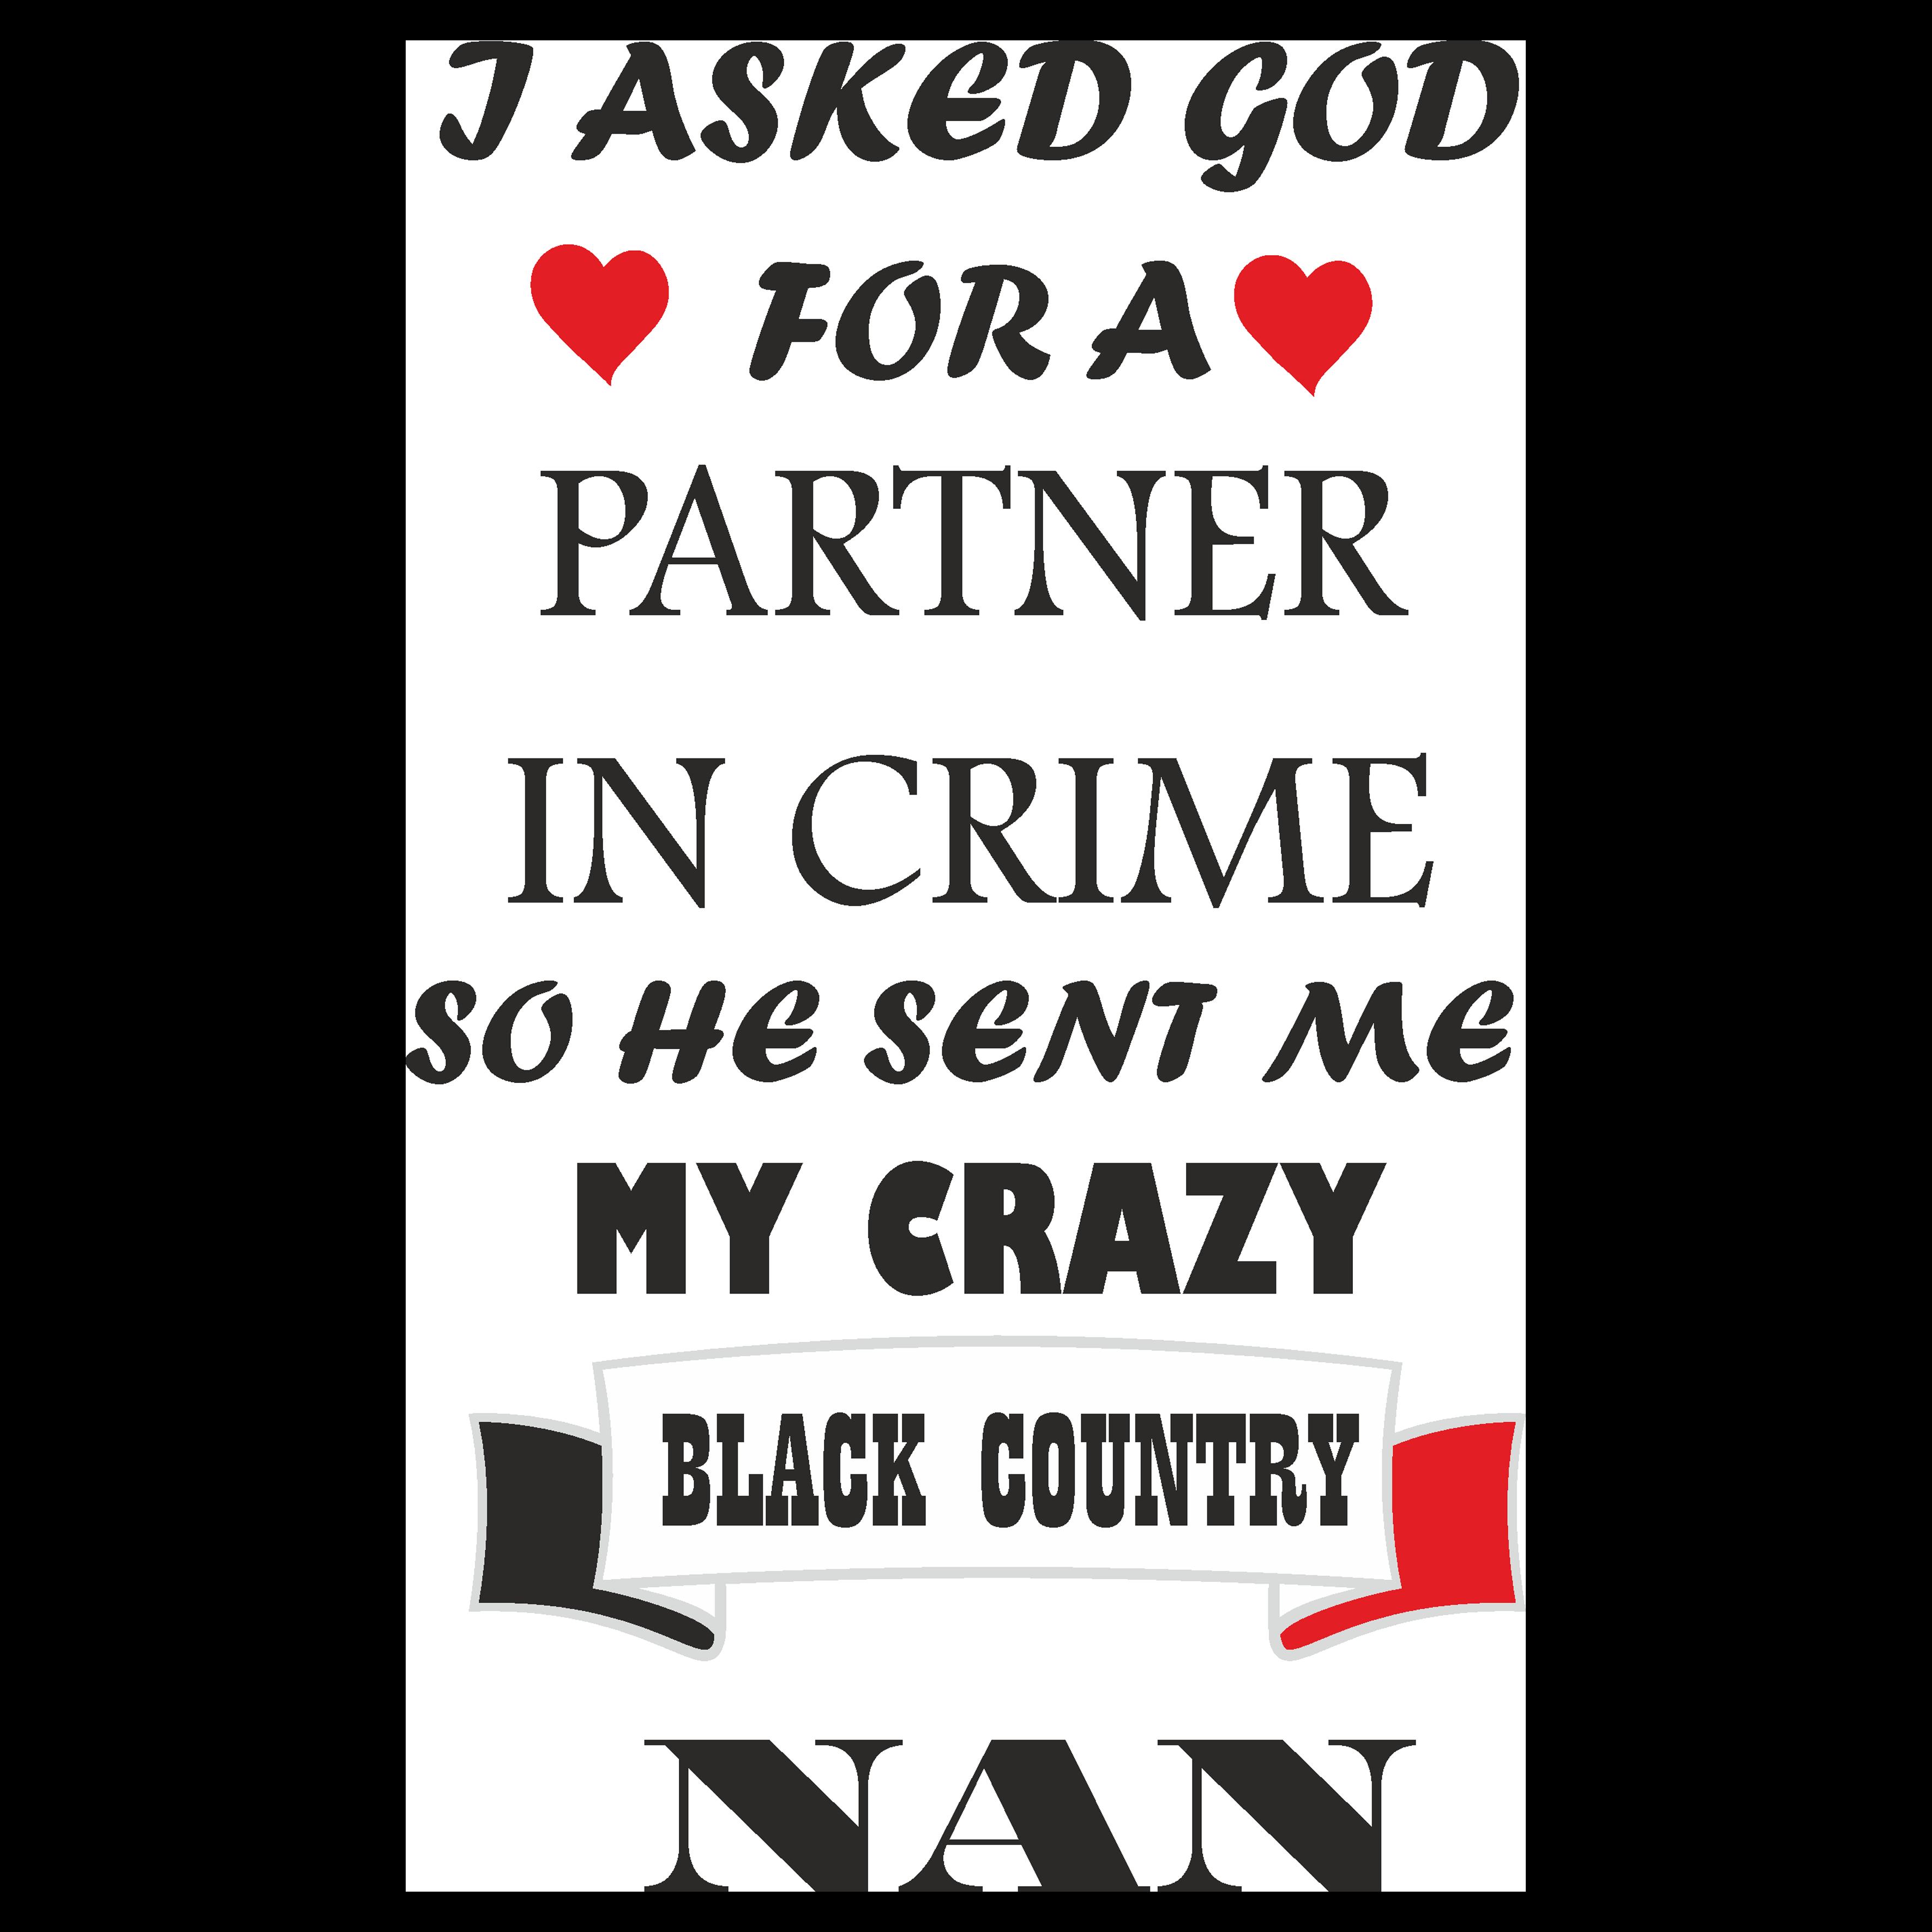 BLC013 - Black Country Nan Partner In Crime